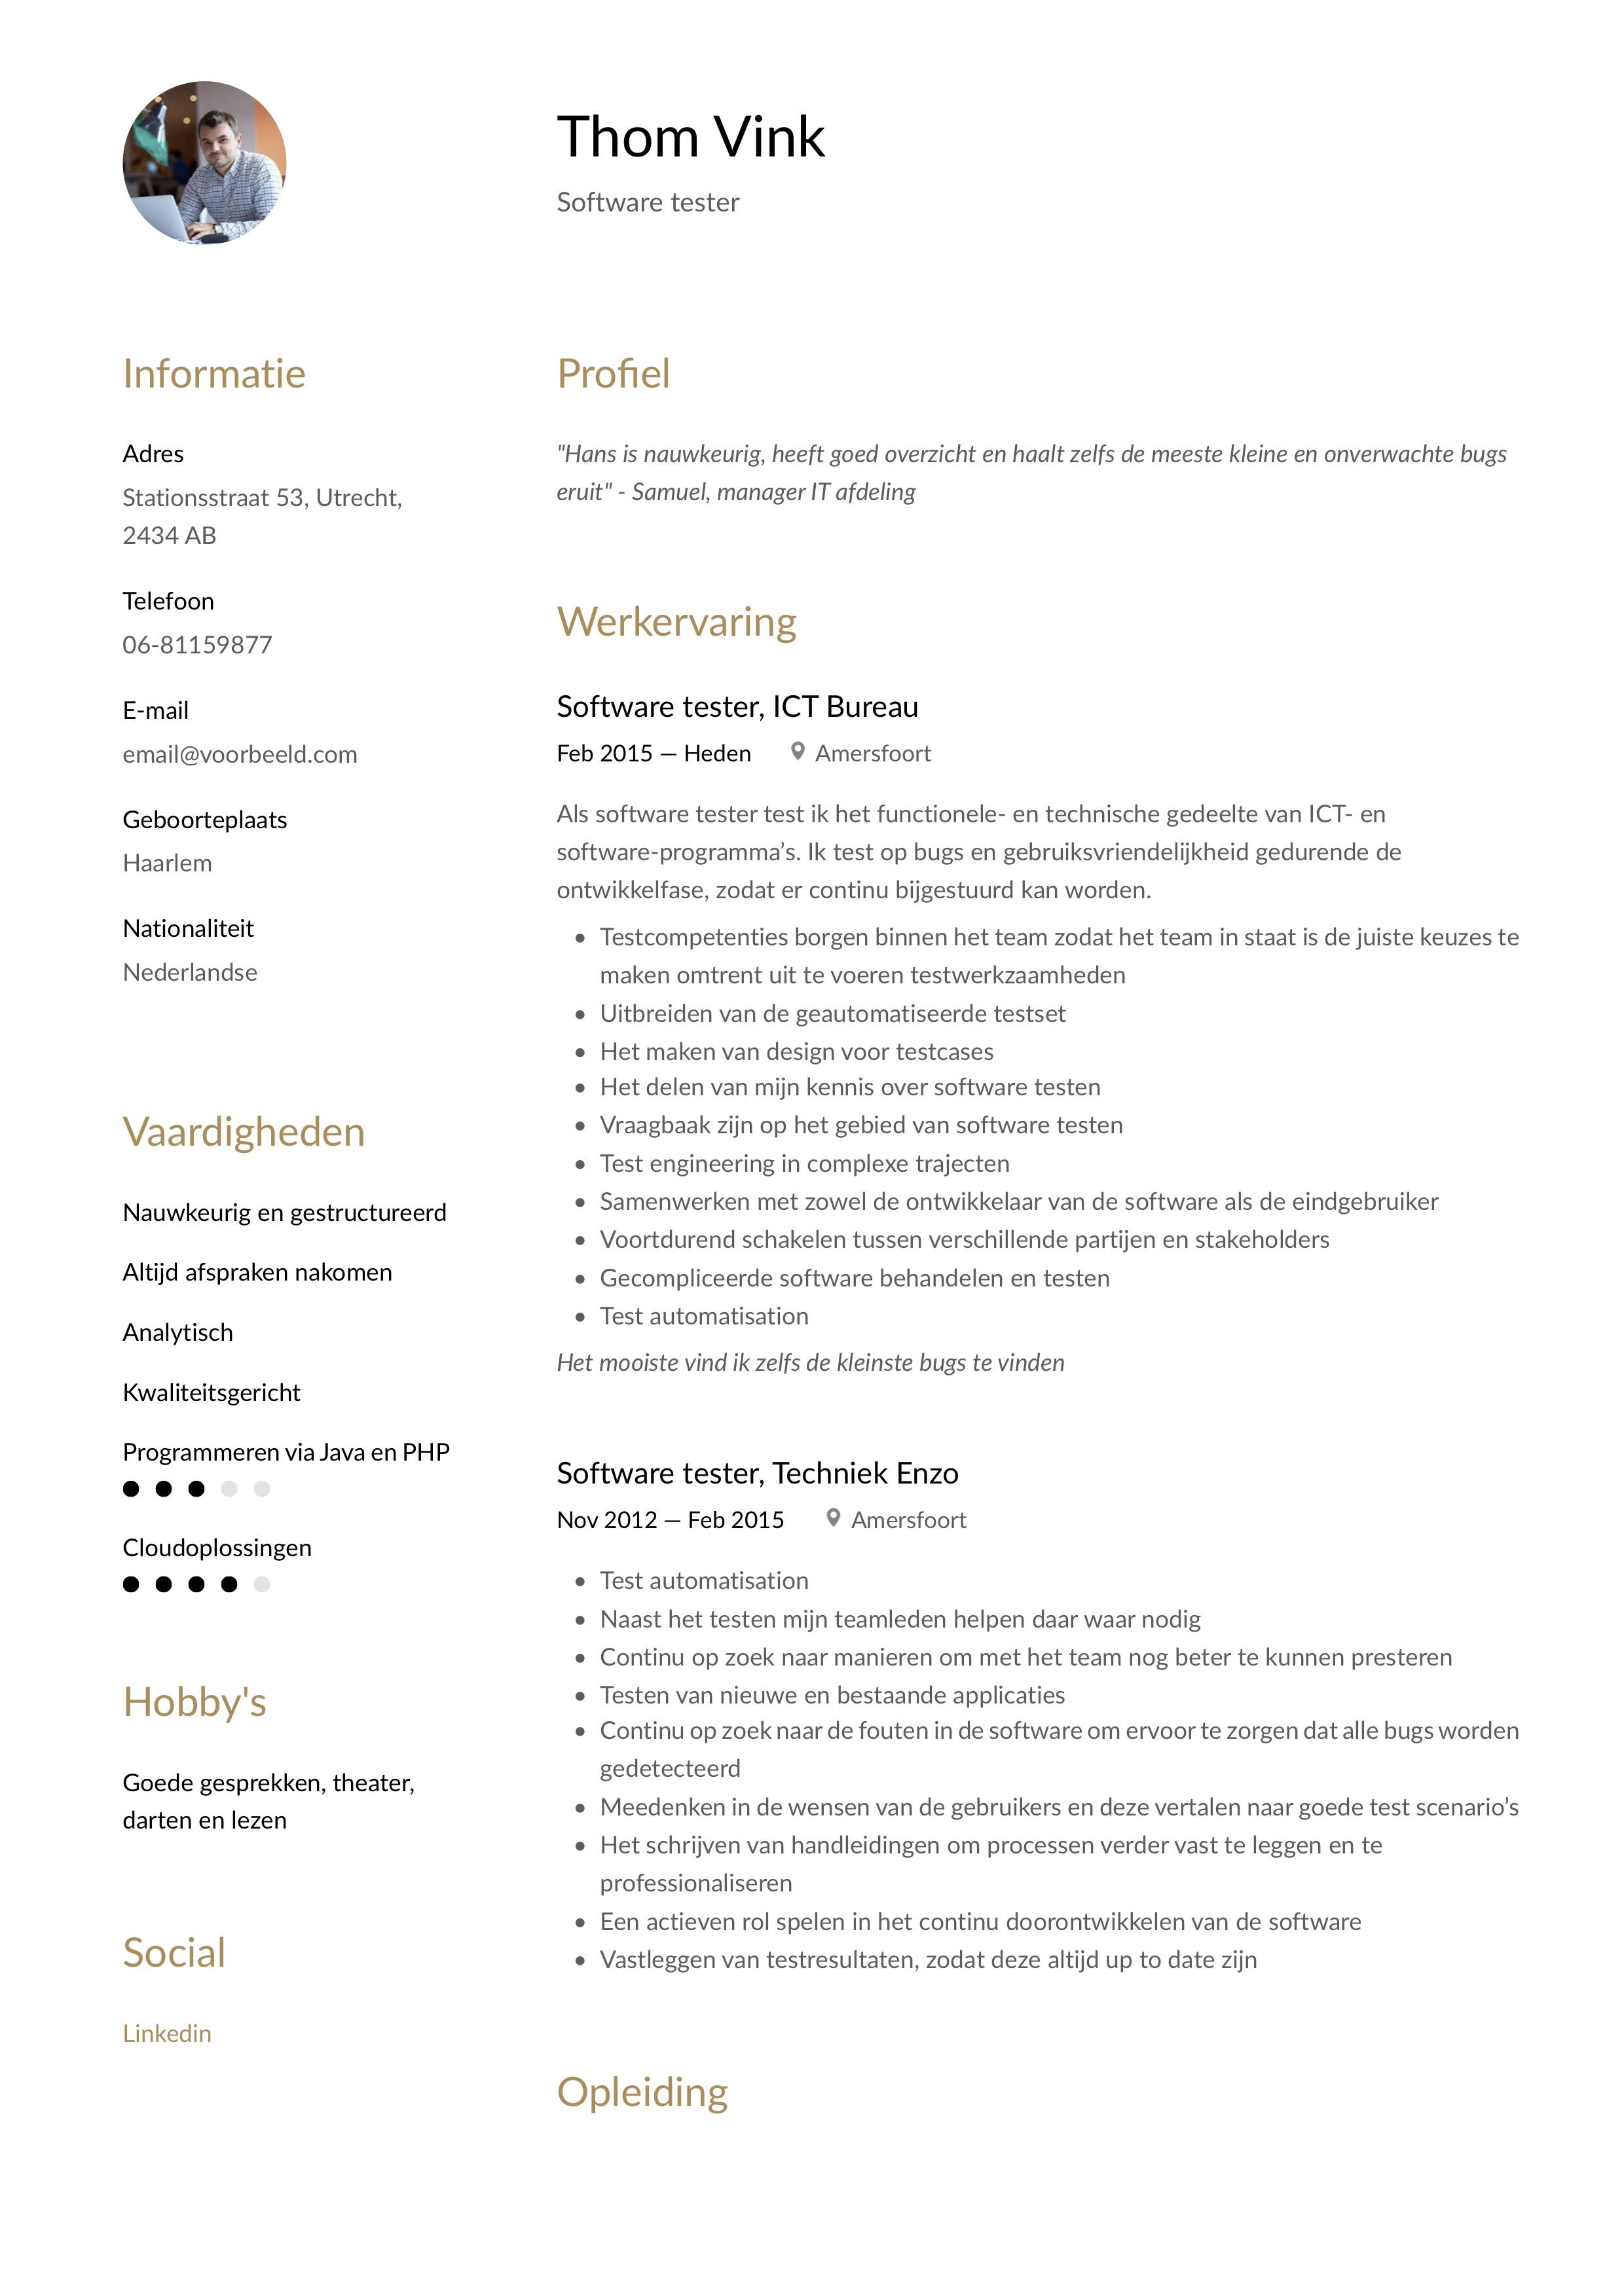 CV Voorbeeld Software tester